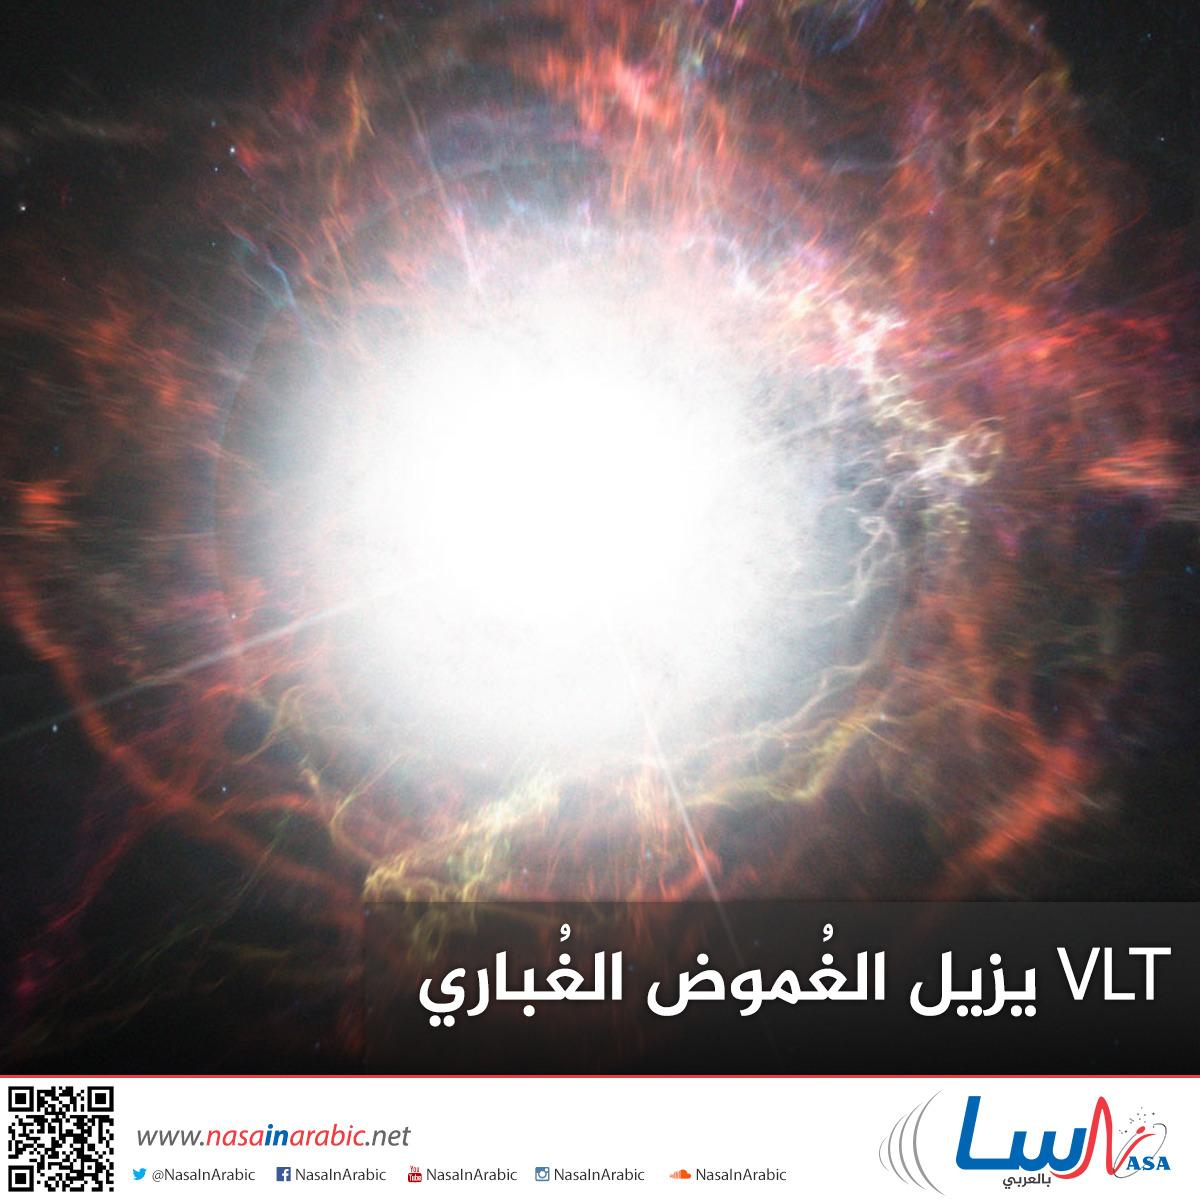 VLT يزيل الغُموض الغُباري